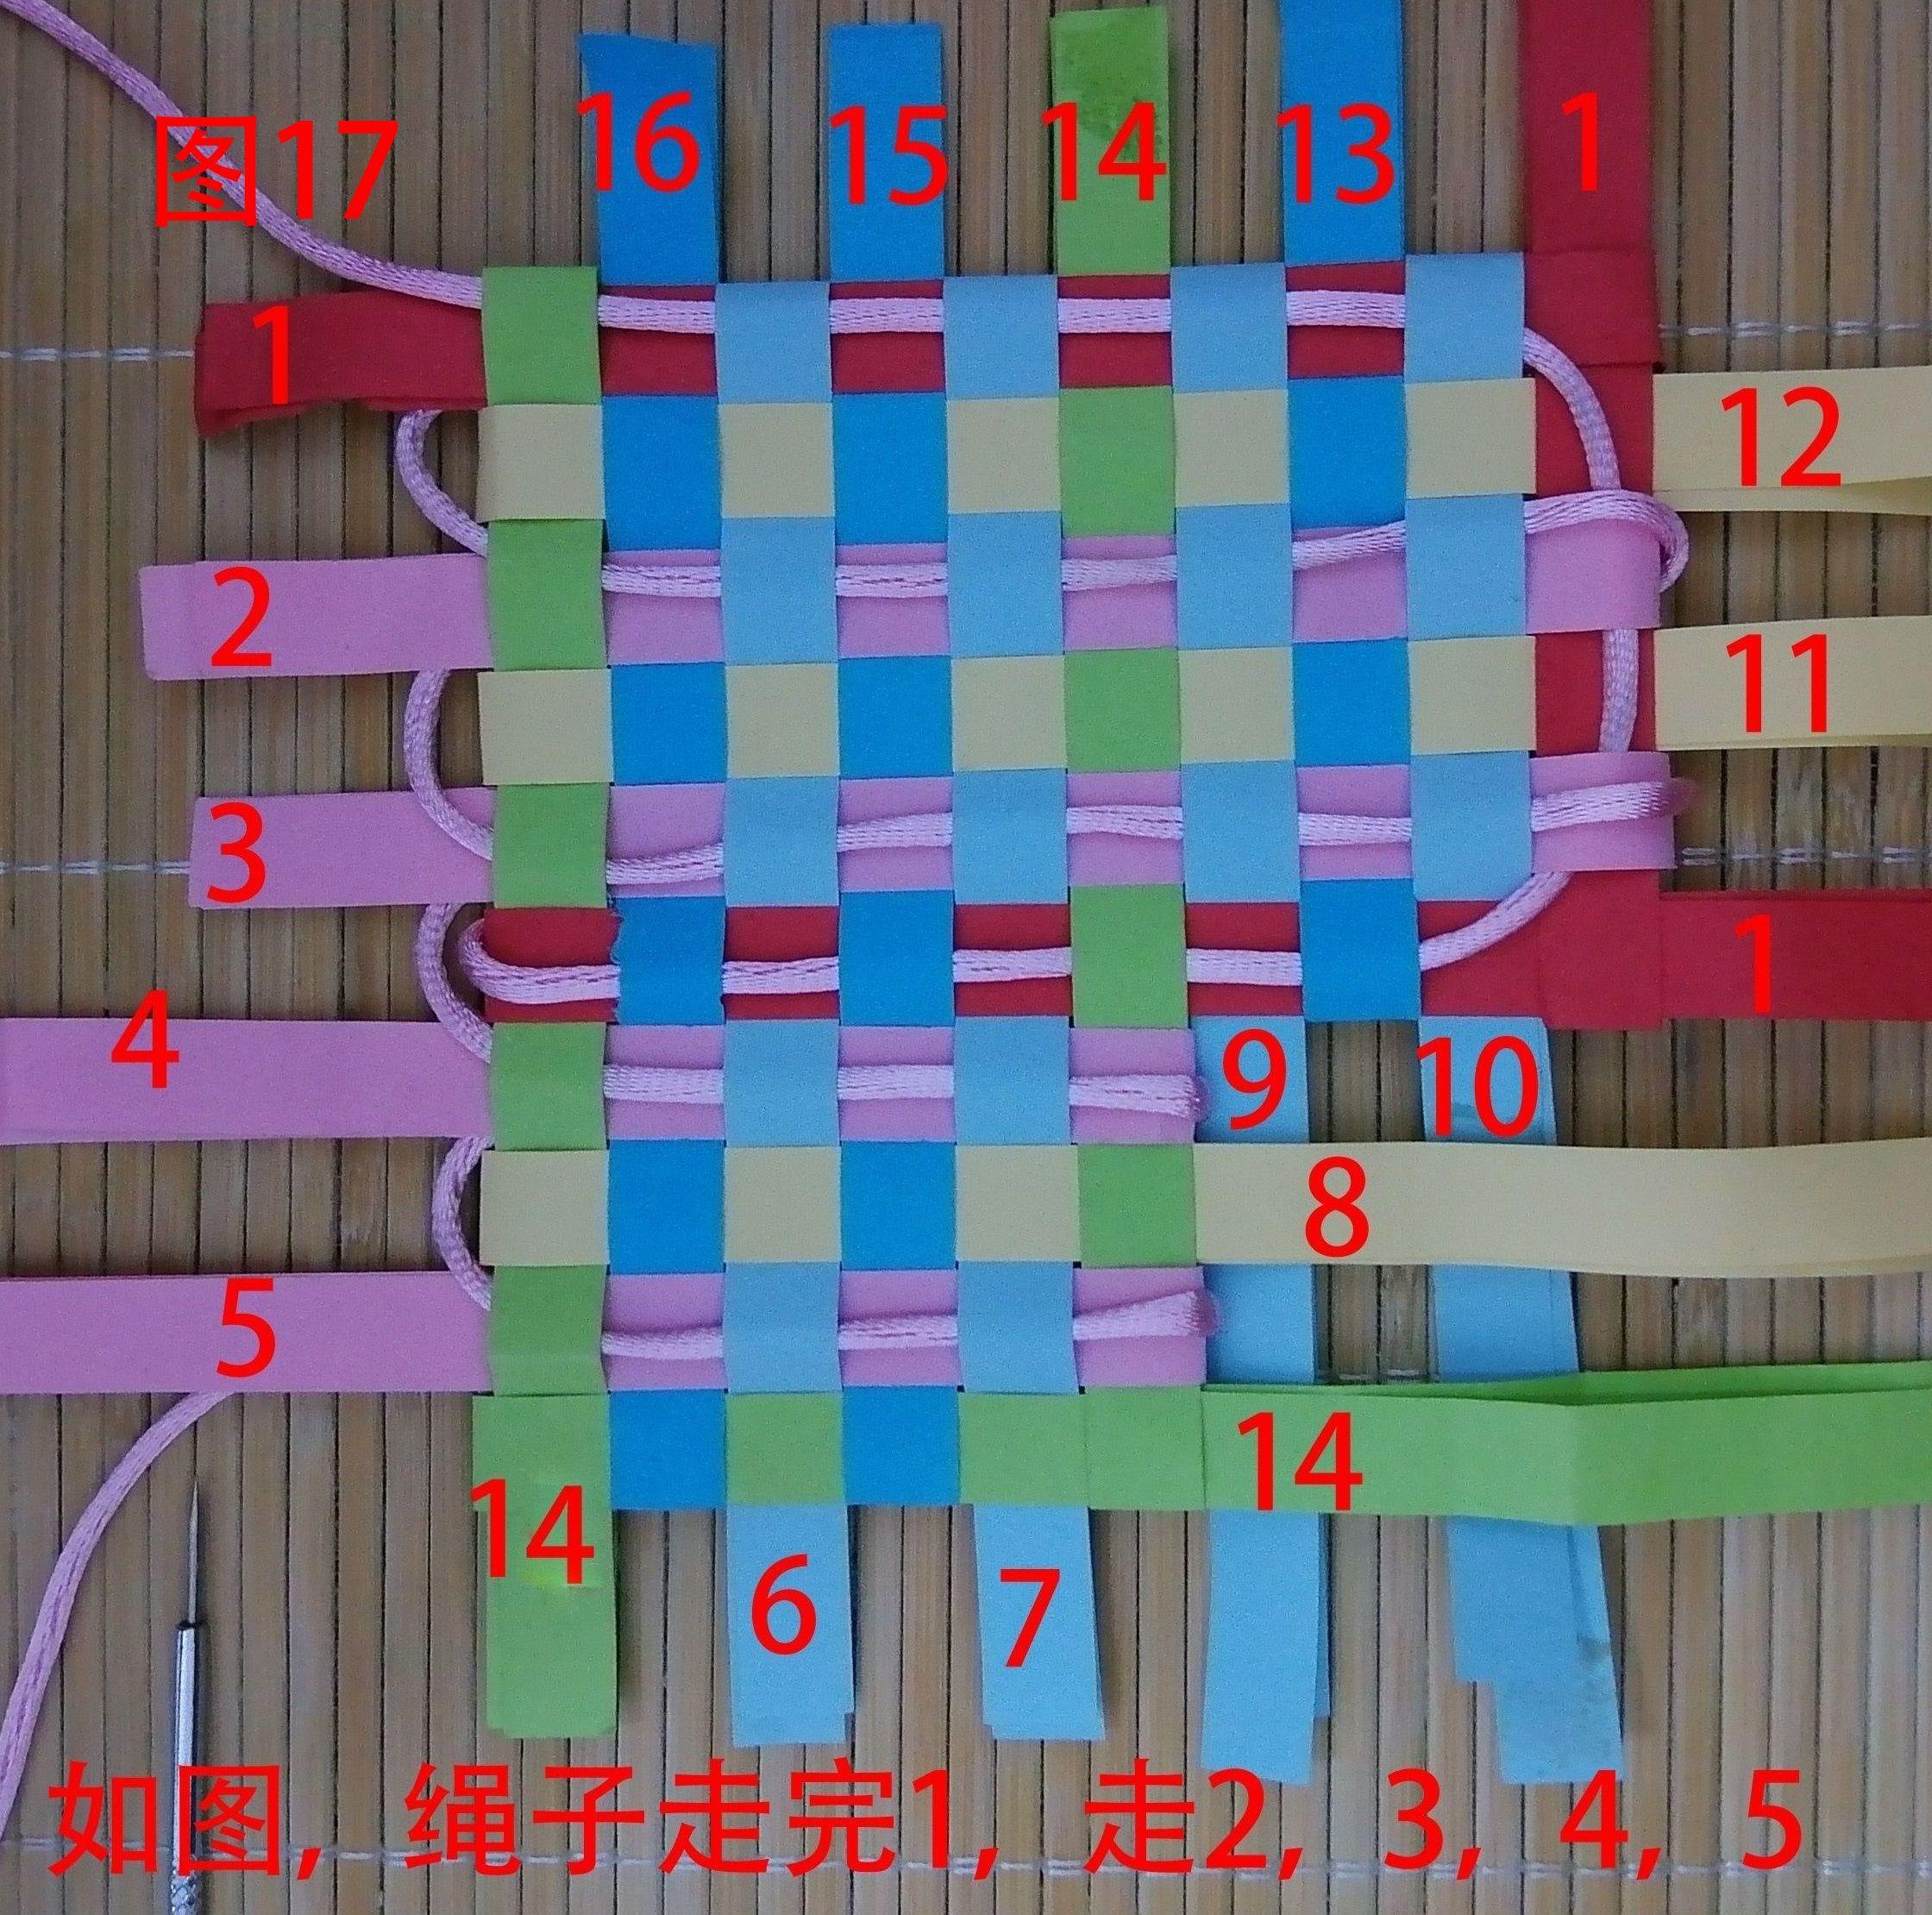 中国结论坛 爱心形状的中国结2(利用纸条编的) 四绳怎么编爱心,心形中国结制作教程,爱心中国结的编法图解,我爱你组成的爱心形状,四根绳子编爱心 基本结-新手入门必看 001147mhhmzlb1xn1axxpl